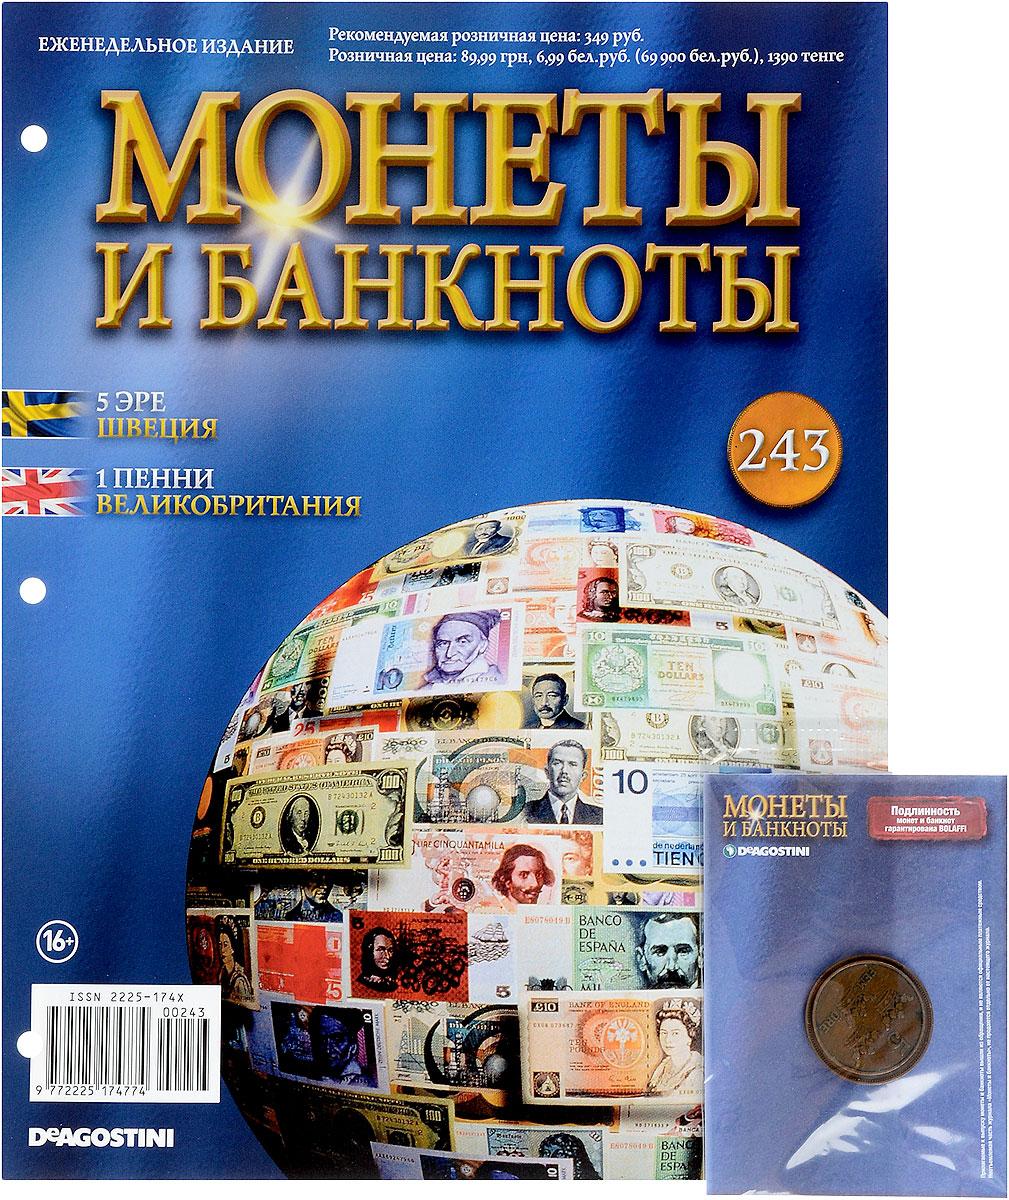 Журнал Монеты и банкноты №243 монеты в сургуте я продаю